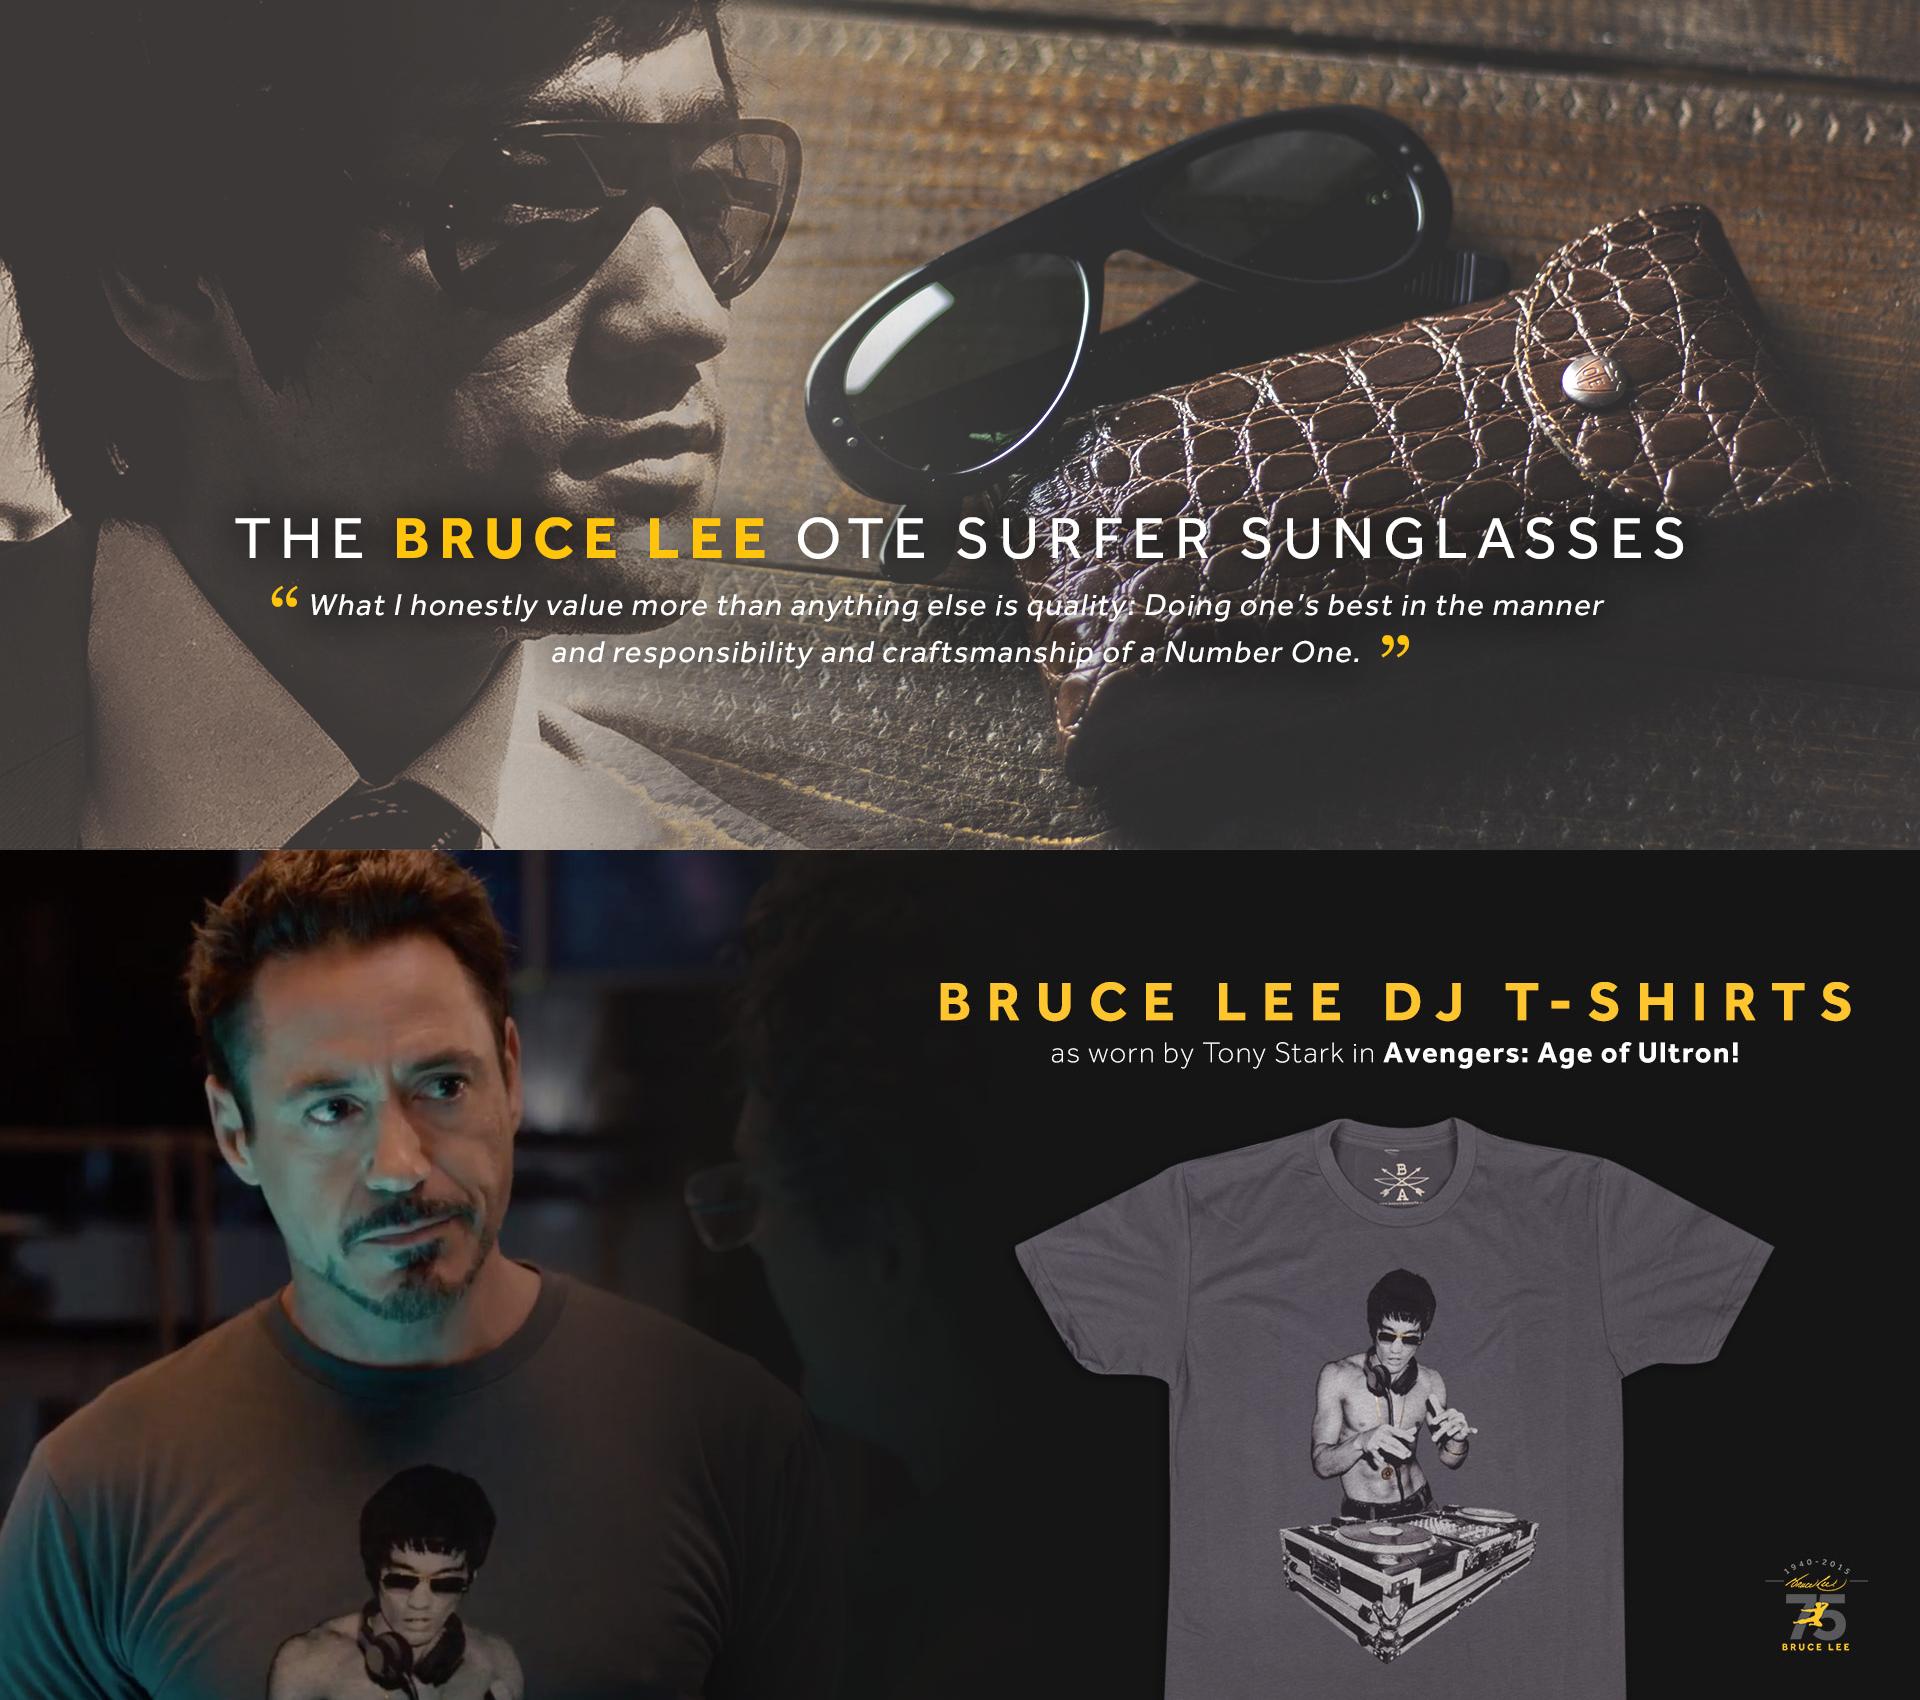 Lunette de Bruce Lee et t-shirt en son hommage